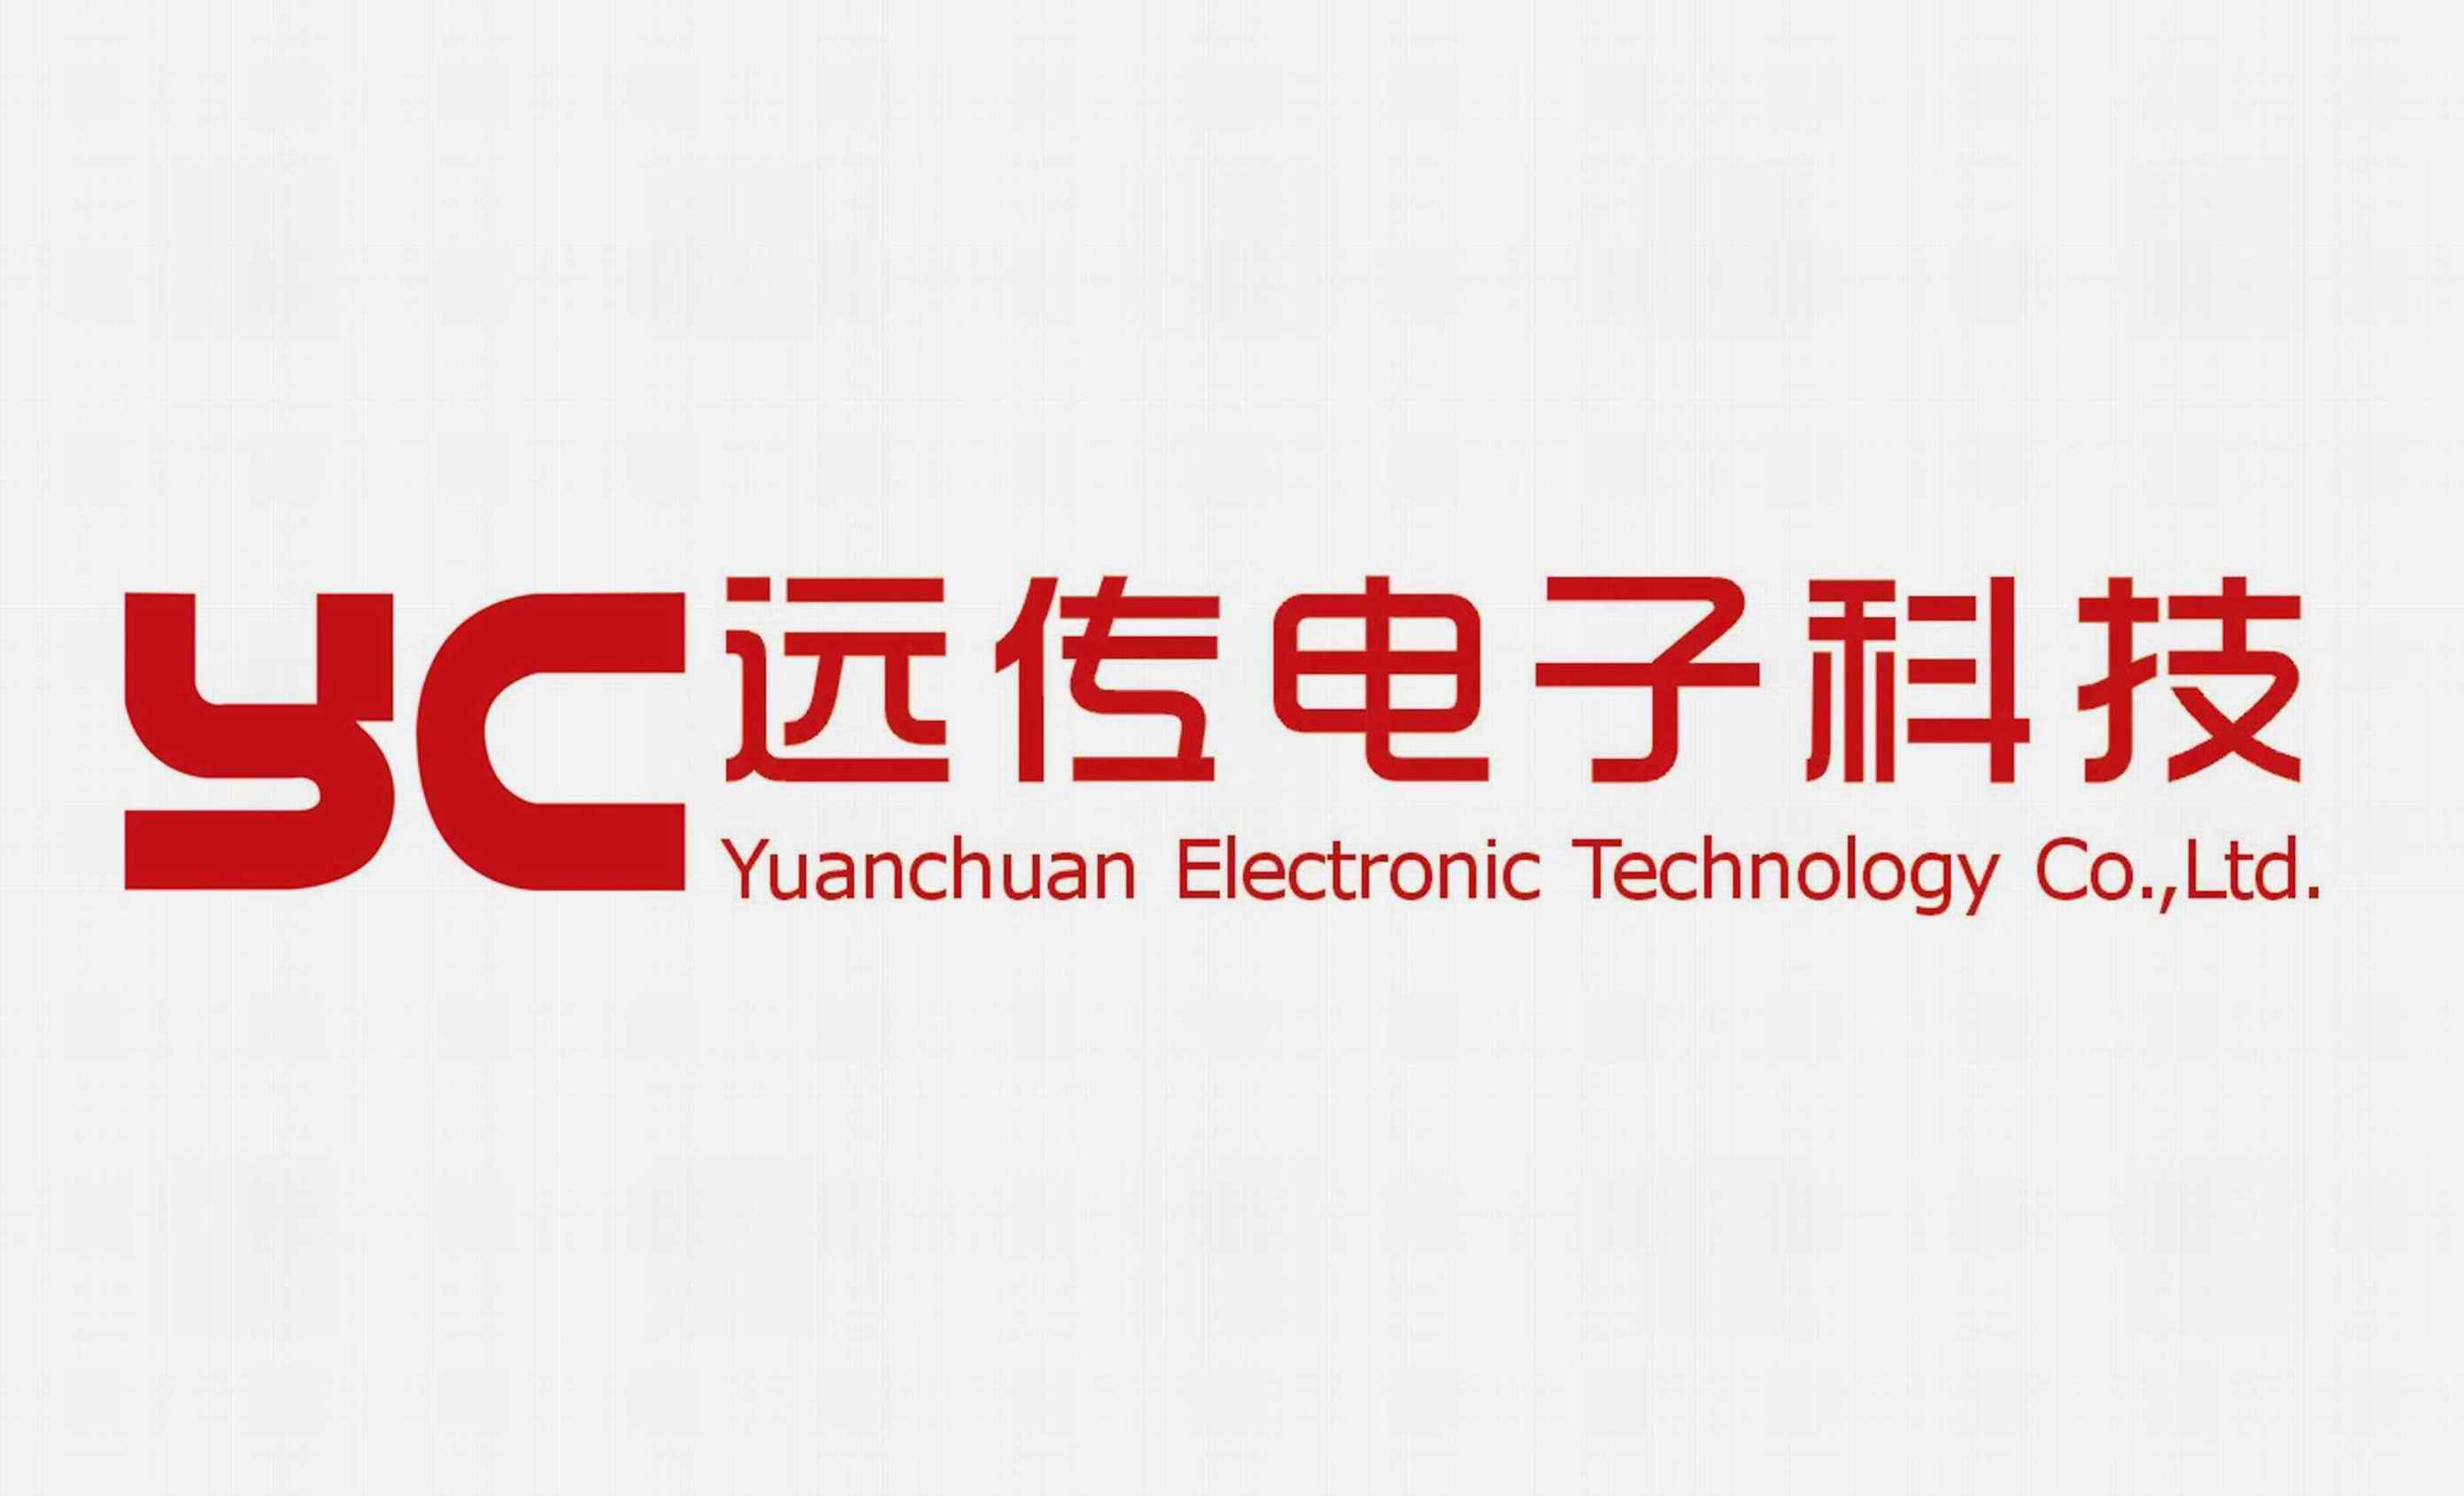 深圳市遠傳電子科技有限公司